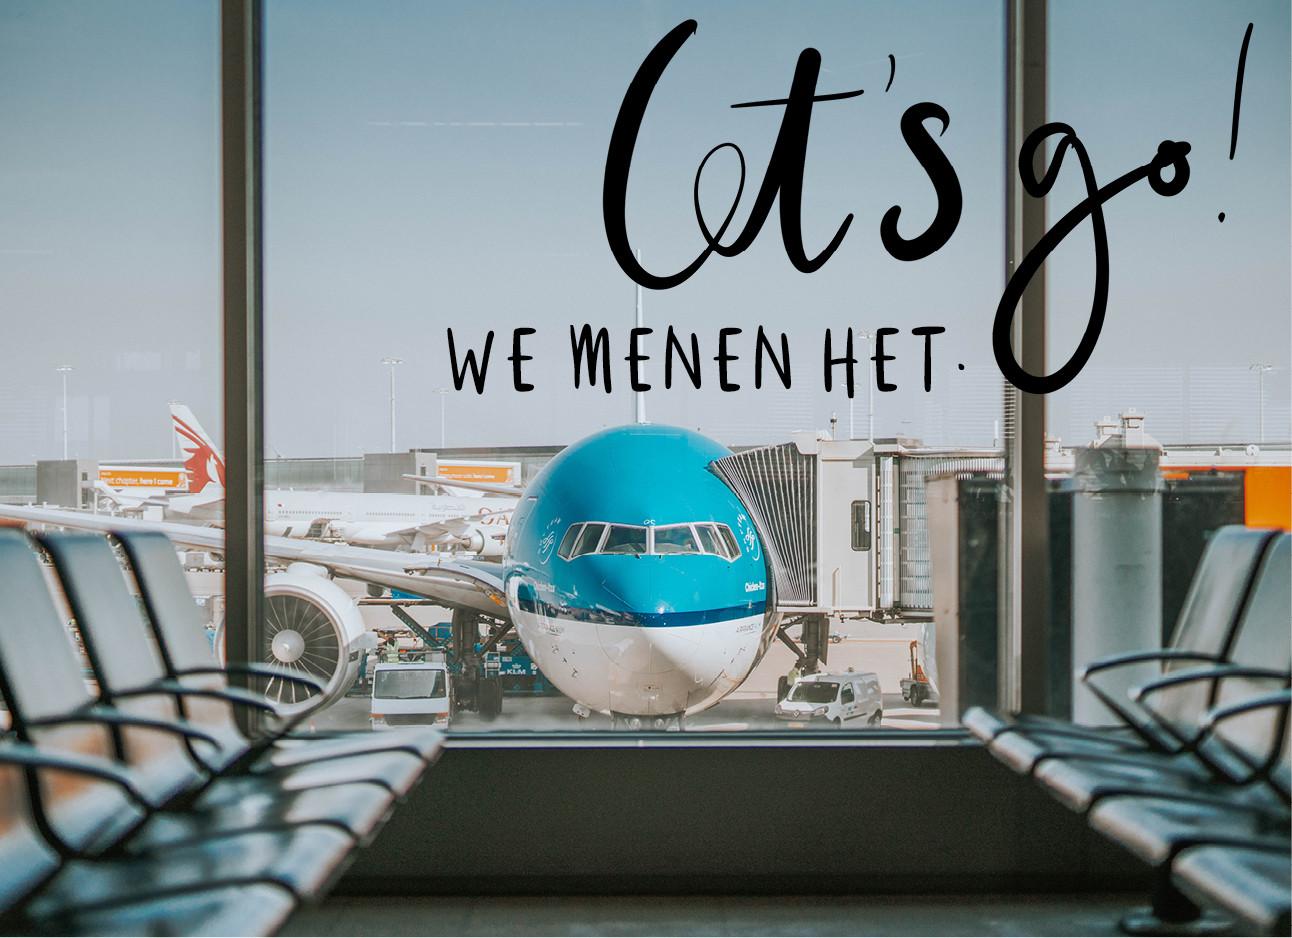 Een vleigtuig van de KLM dat te zien is voor een blauwe lucht met op de voorgrond wacht stoeltjes